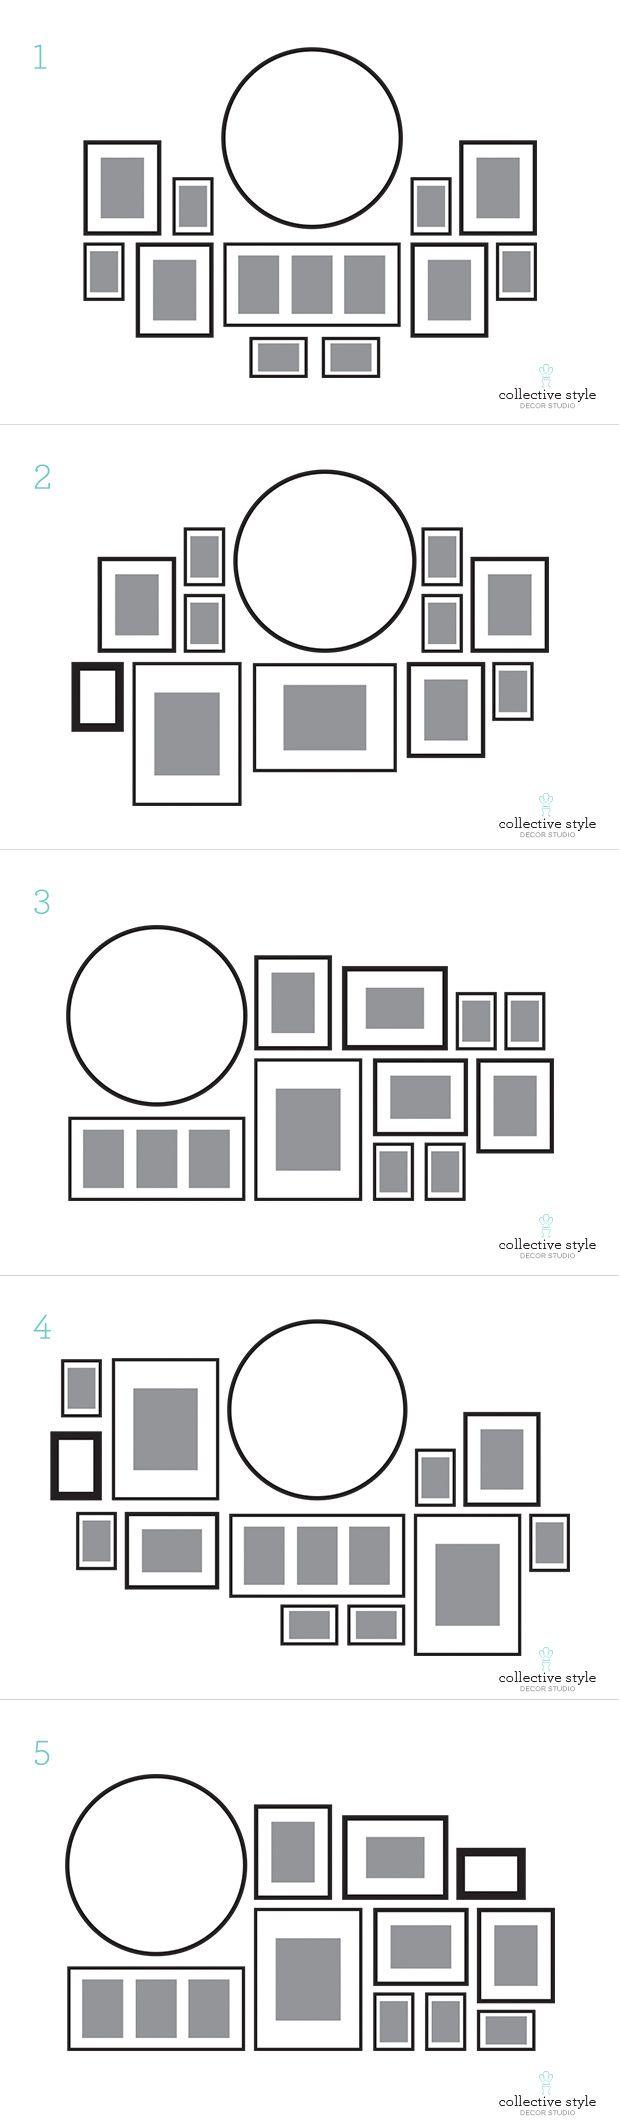 Gallery wall layouts Acomodos para muros con cuadros | DIY Home ...